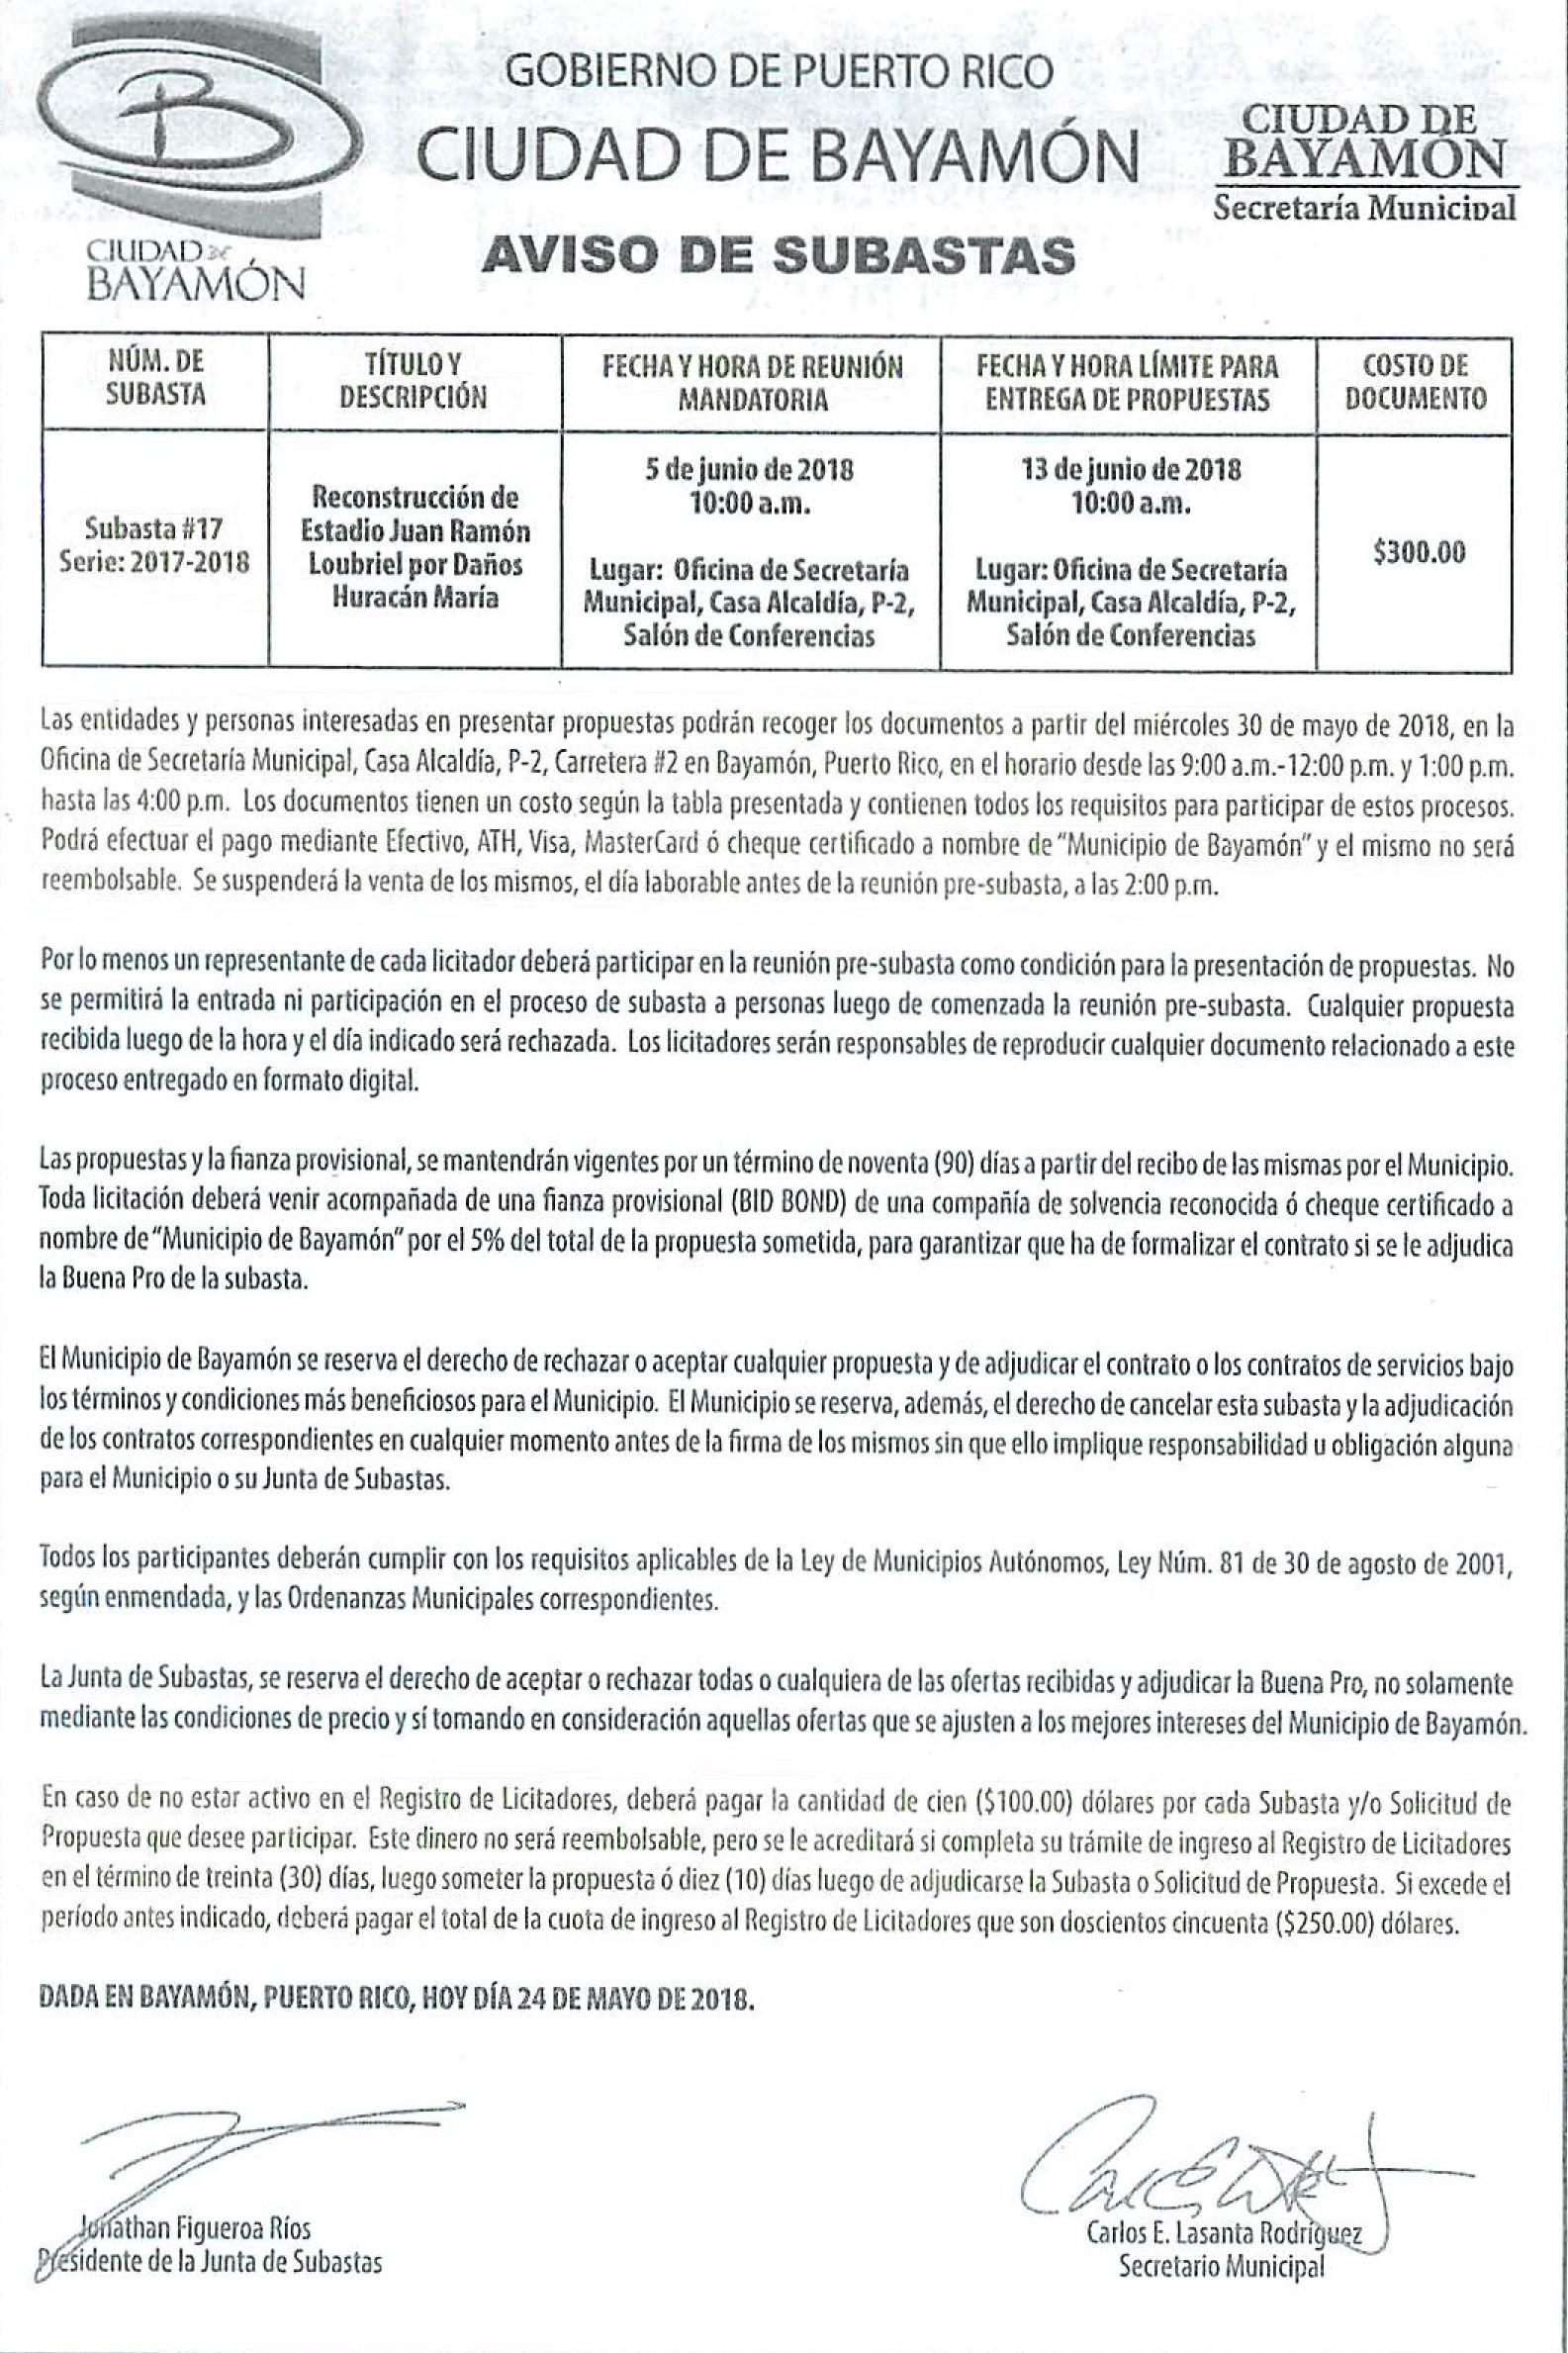 Calendario Escolar 2019 Puerto Rico Más Caliente Avisos Pºblicos Ciudad De Bayam³n Of Calendario Escolar 2019 Puerto Rico Más Recientes Edici³n Impresa 16 8 2017 Pages 1 32 Text Version